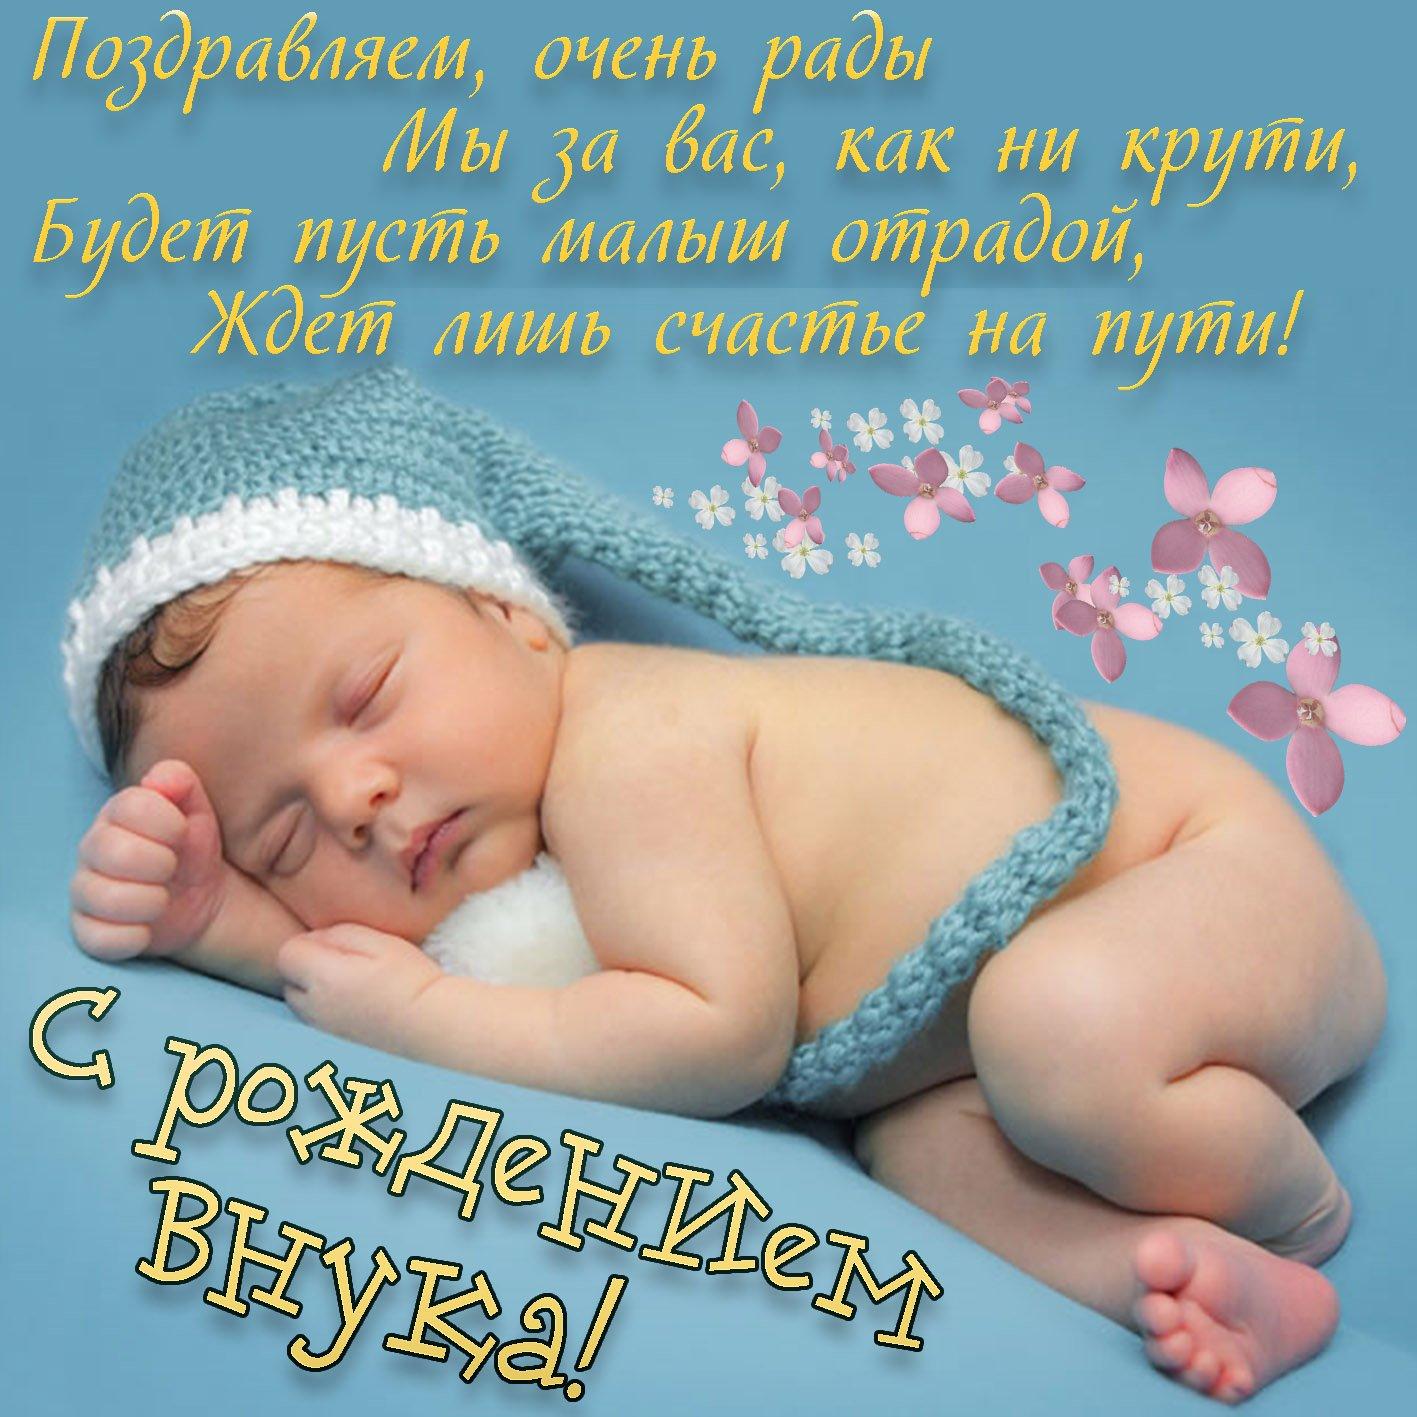 Год коллега, открытка с рождением внуков для бабушки